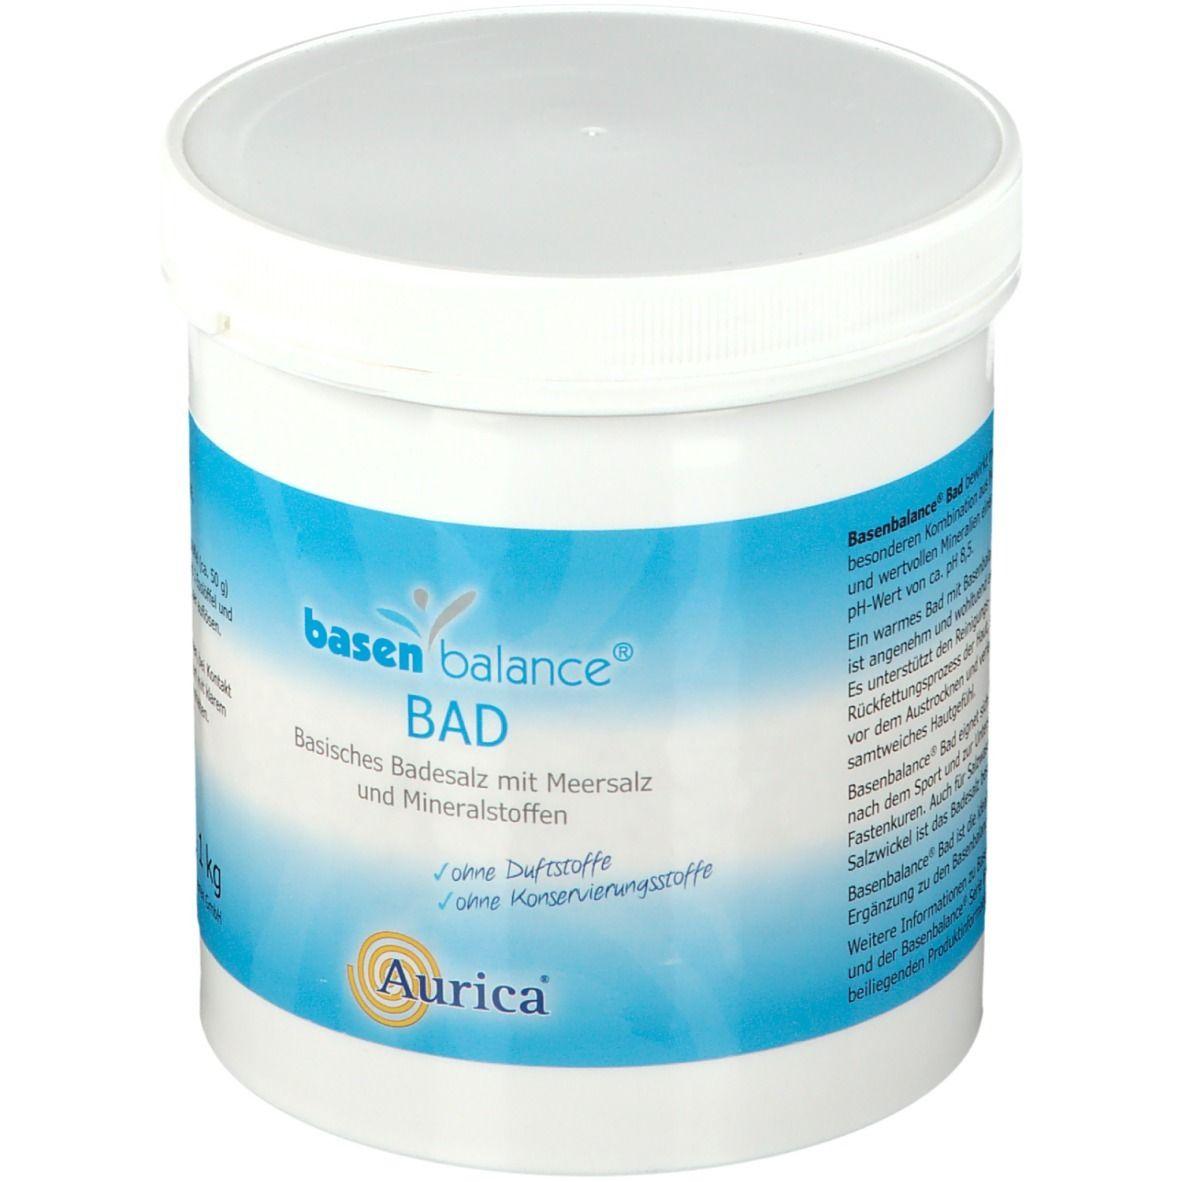 Aurica® Basenbalance® Bad